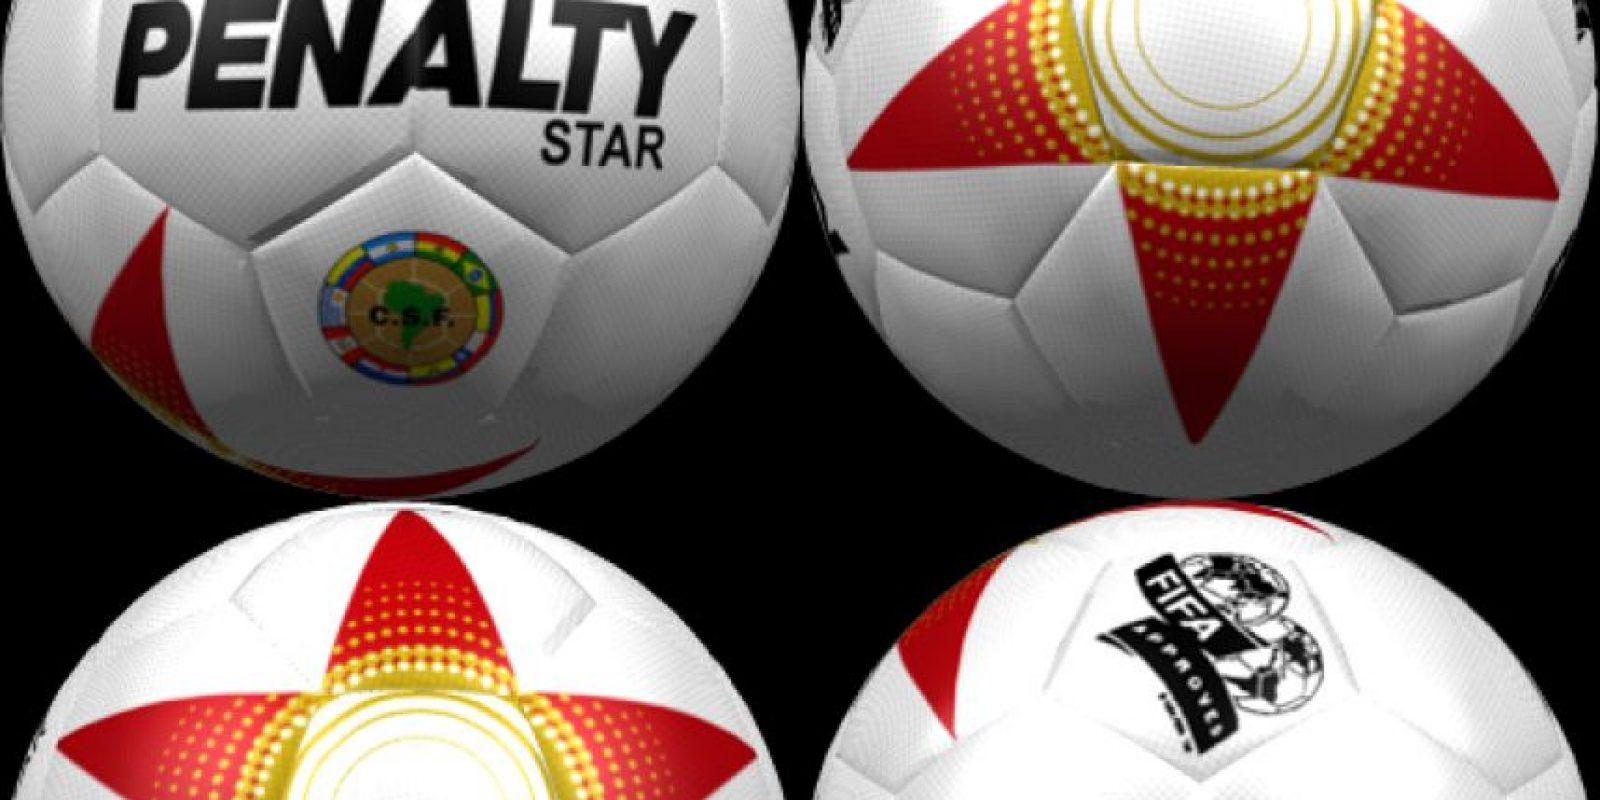 Penalty Star: Colombia 2001. Foto:Penalty